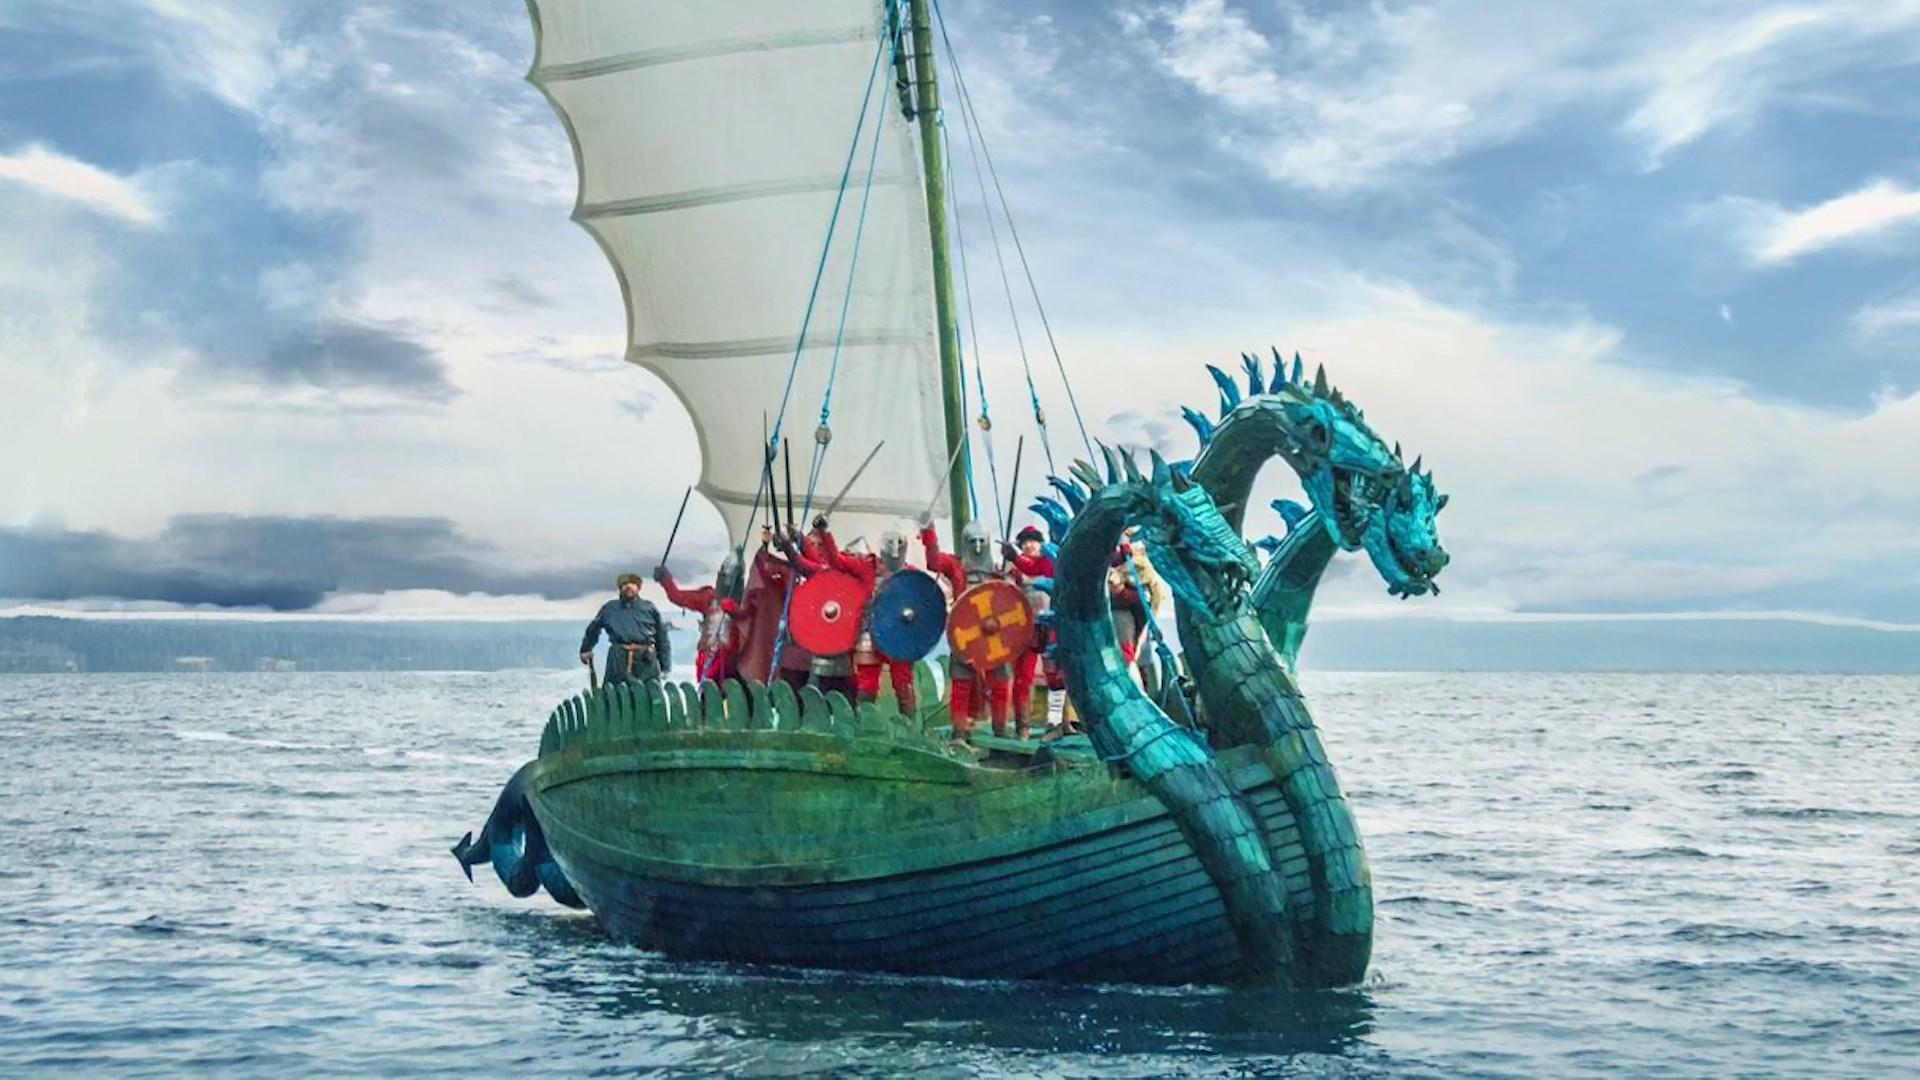 К костромскому берегу причалит «Змей Горыныч»